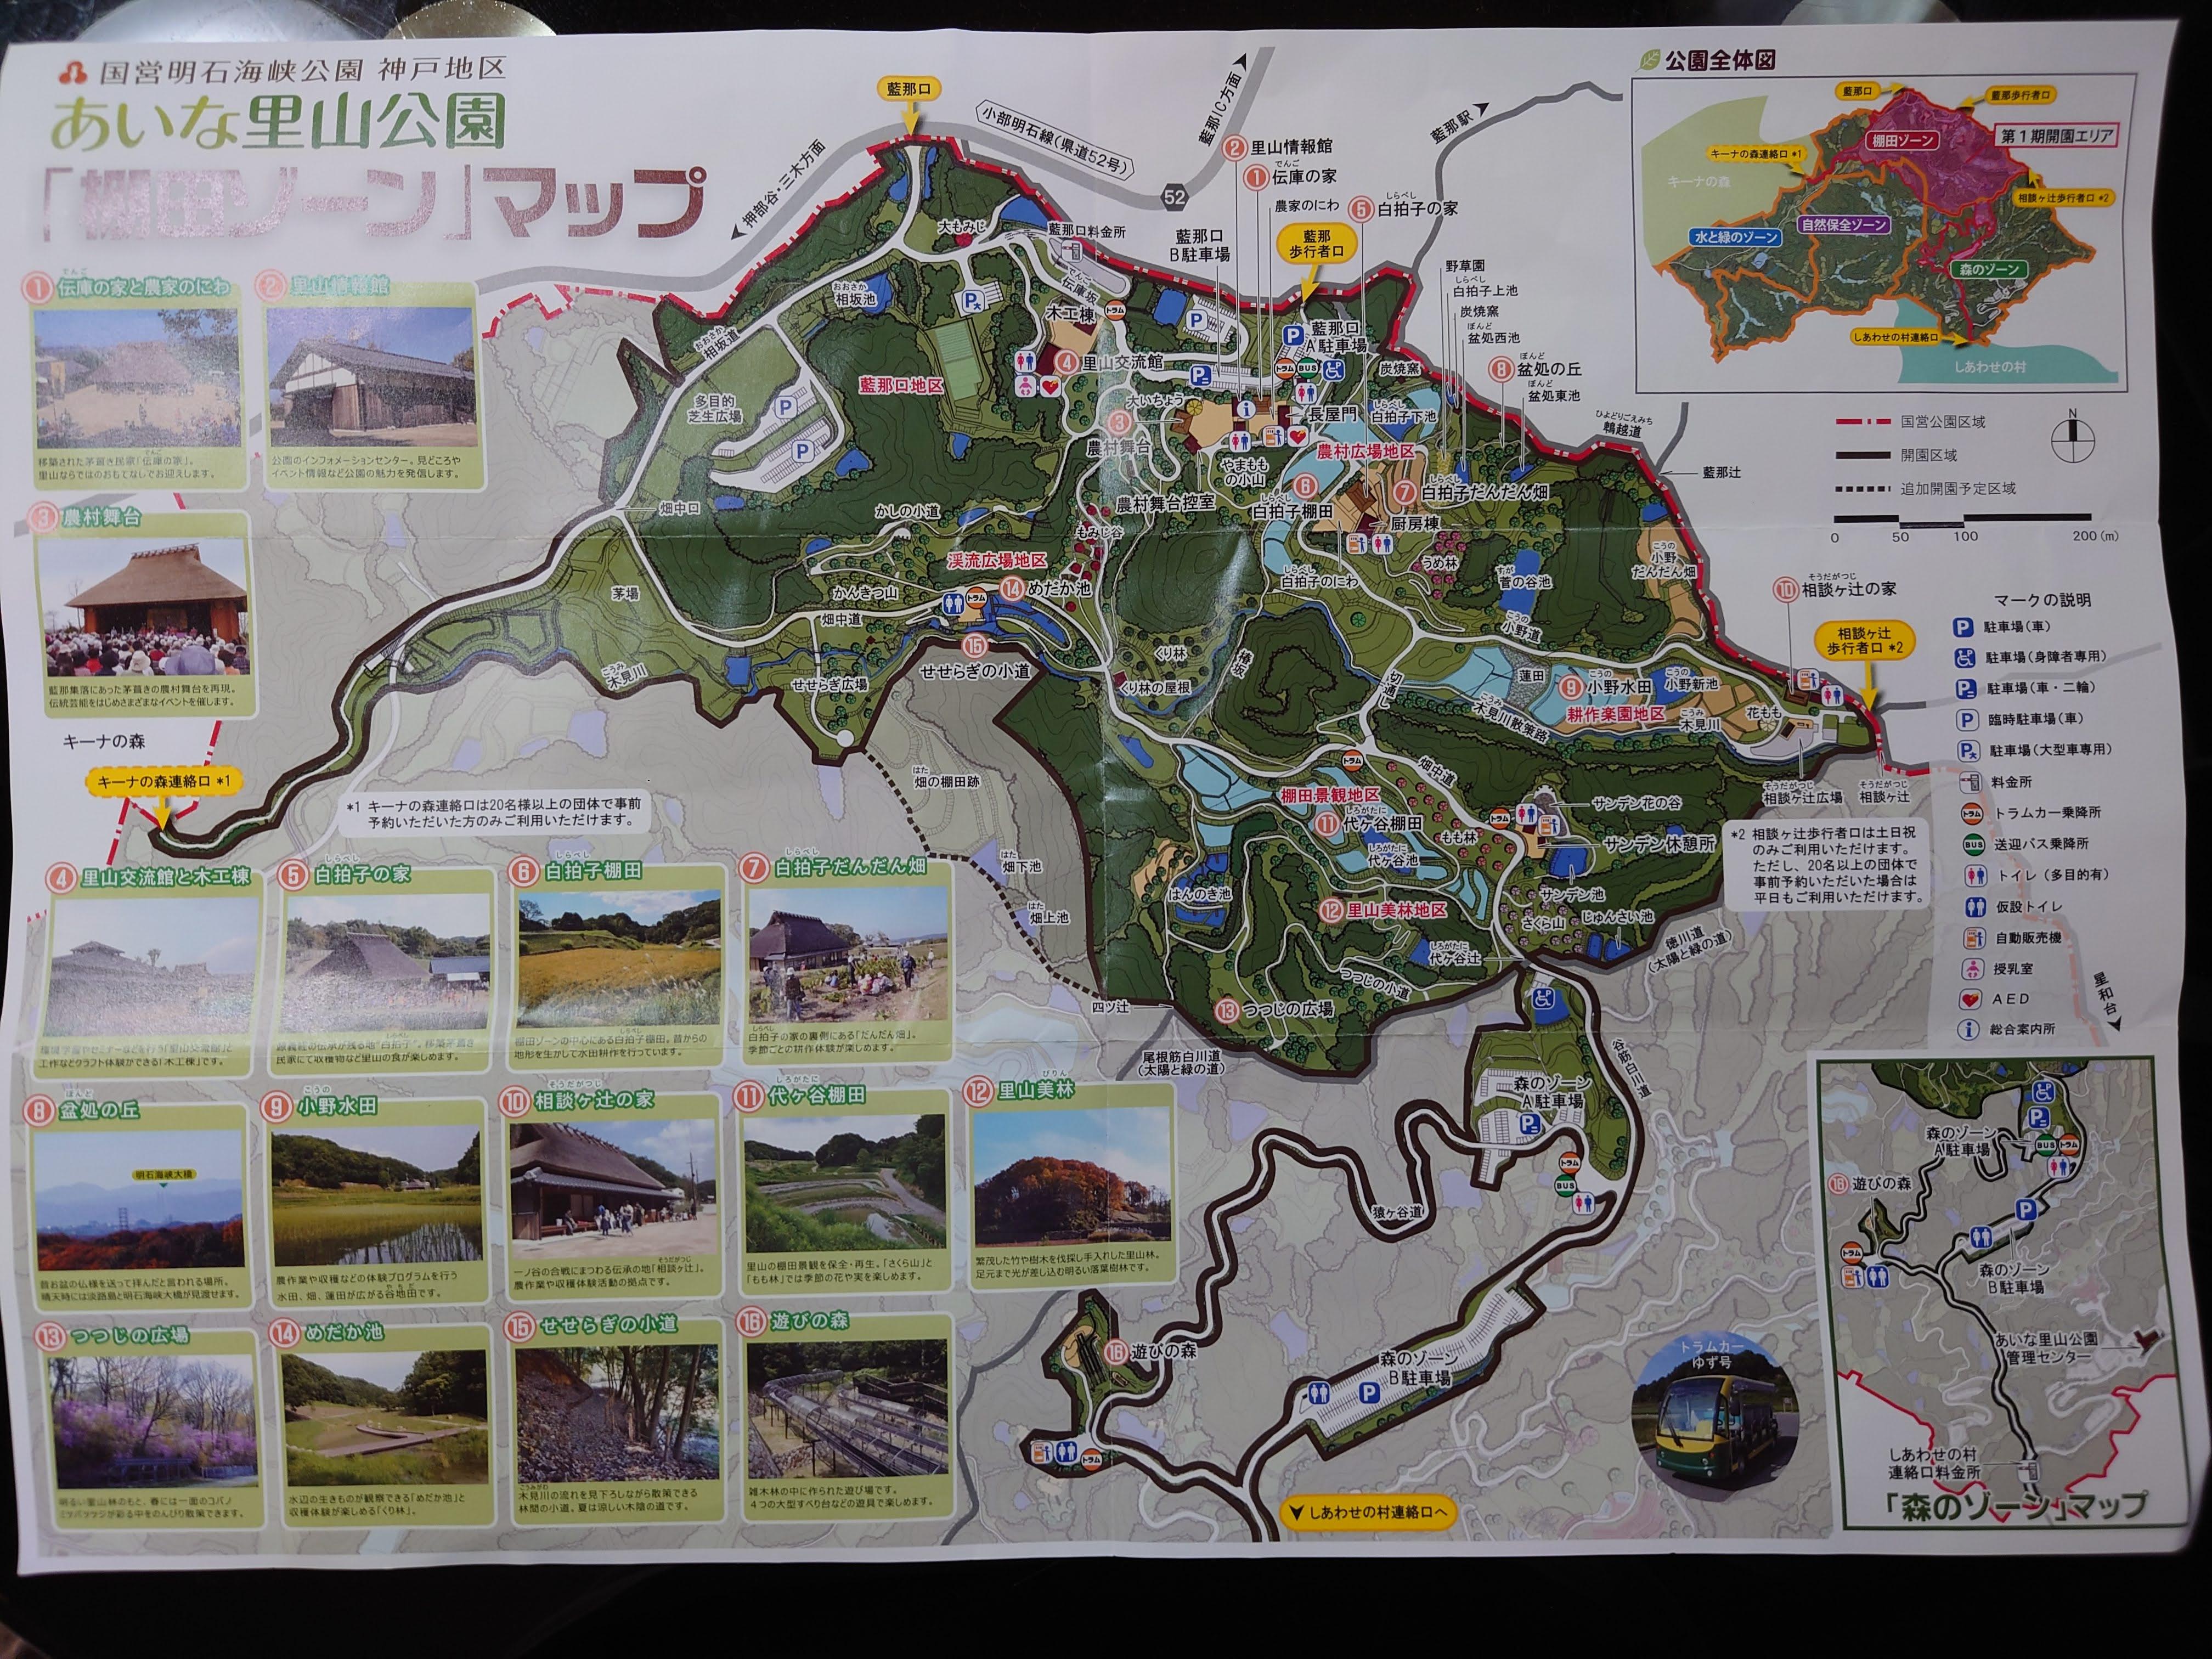 あいな里山公園ガイドブック